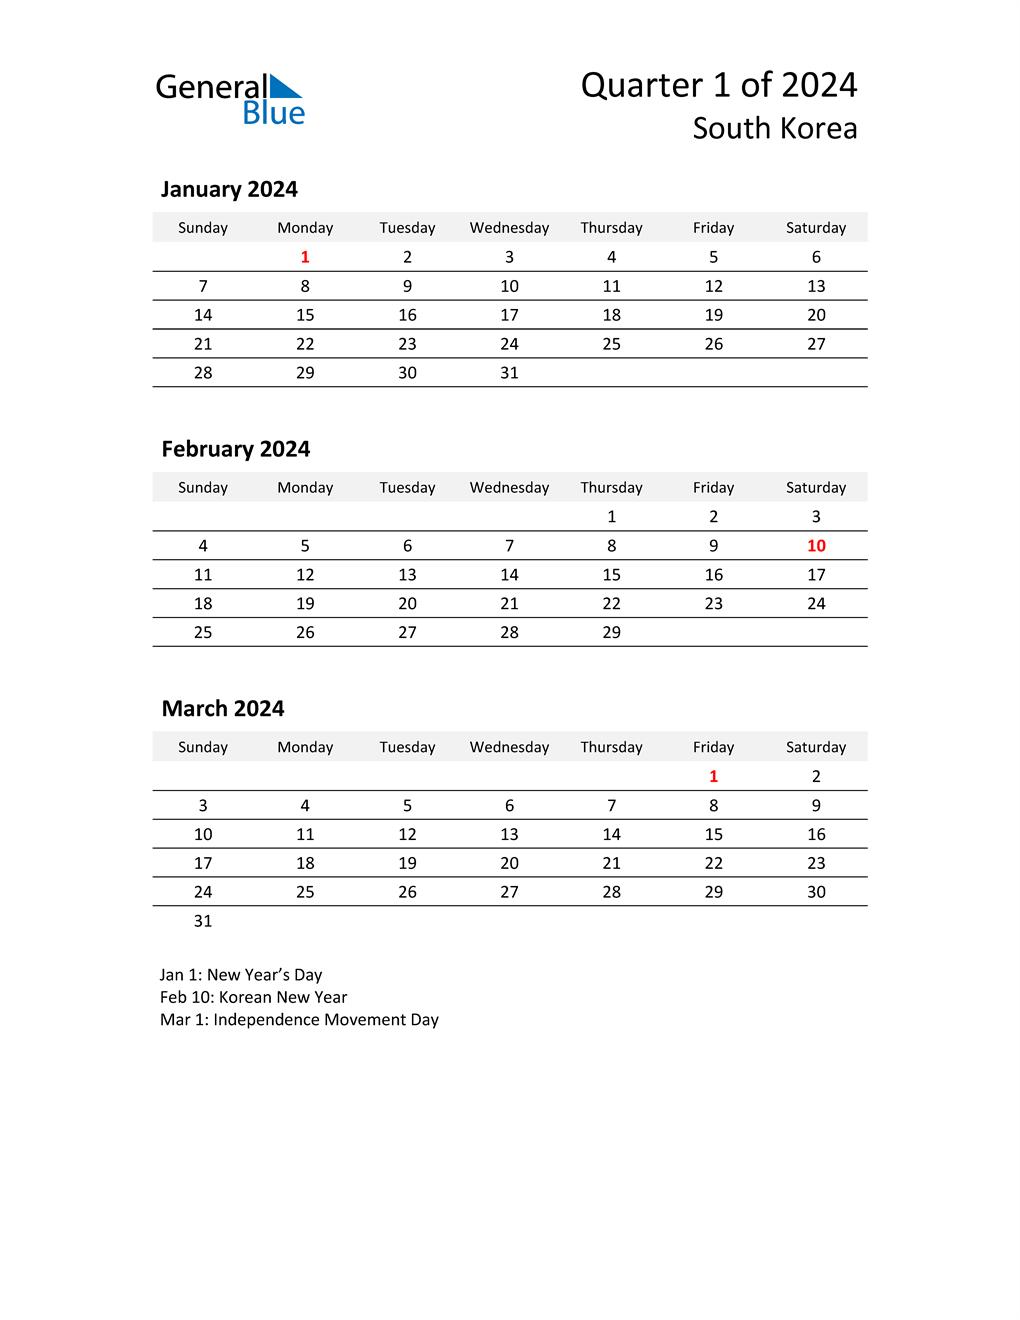 2024 Three-Month Calendar for South Korea